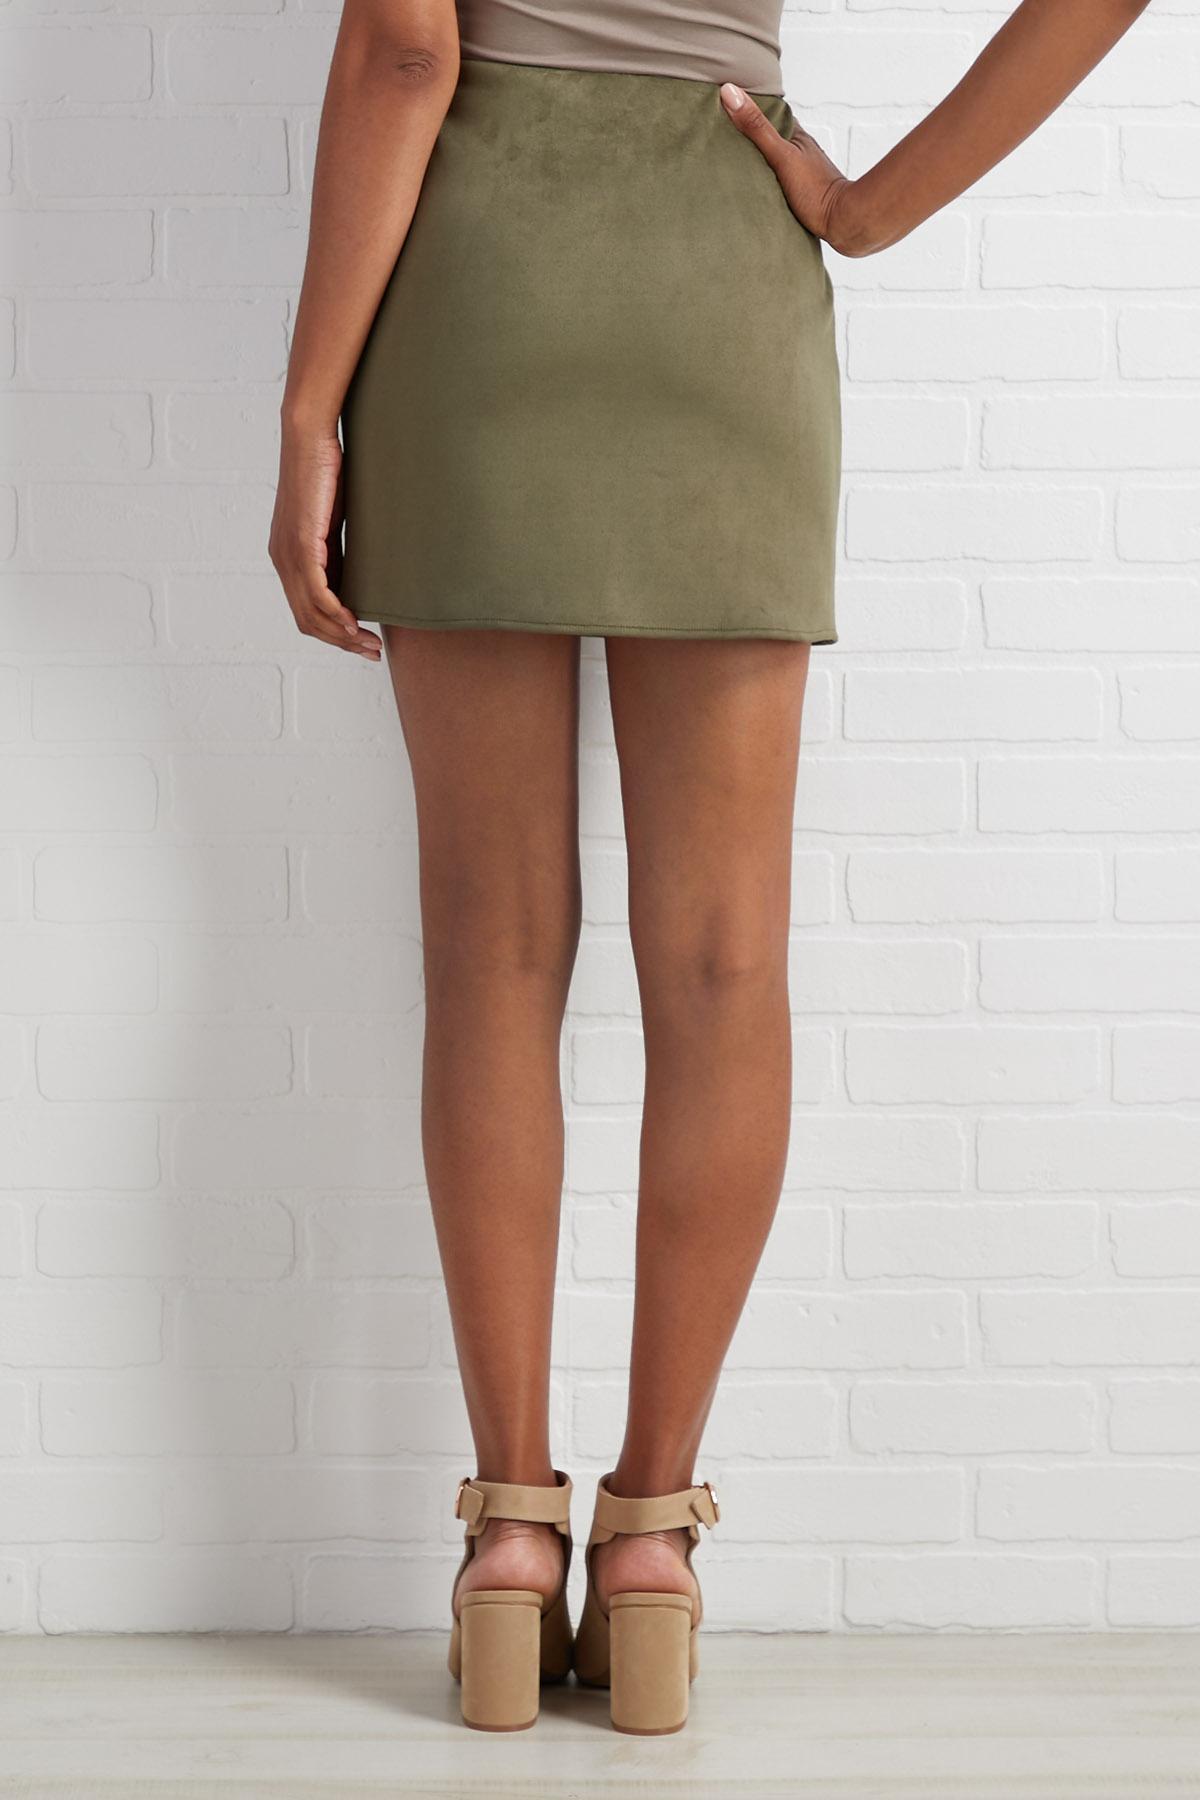 Autumnal Bliss Skirt